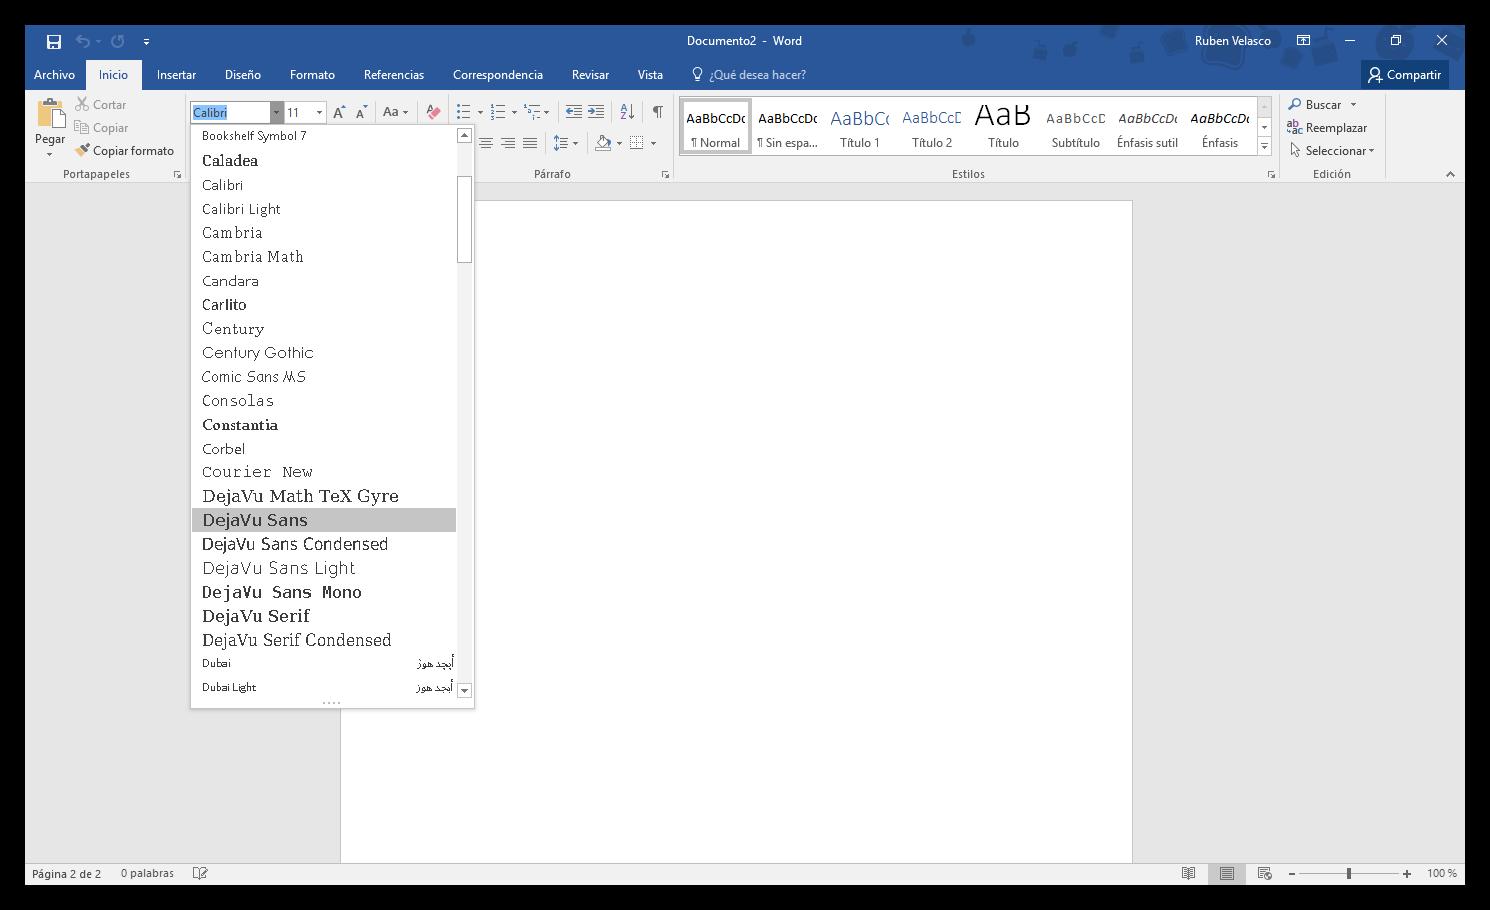 como instalar fuentes en word windows 10